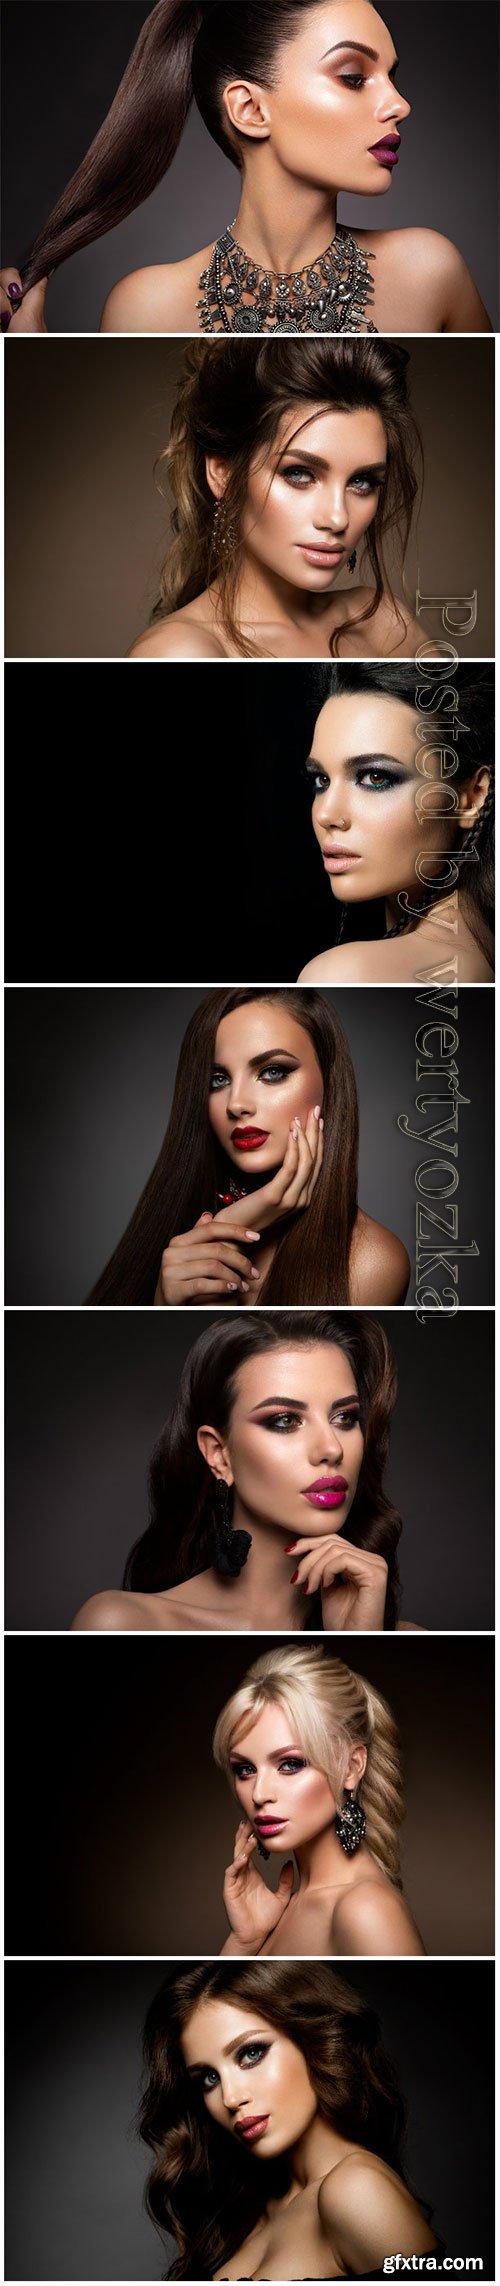 Fashion girls beautiful stock photo